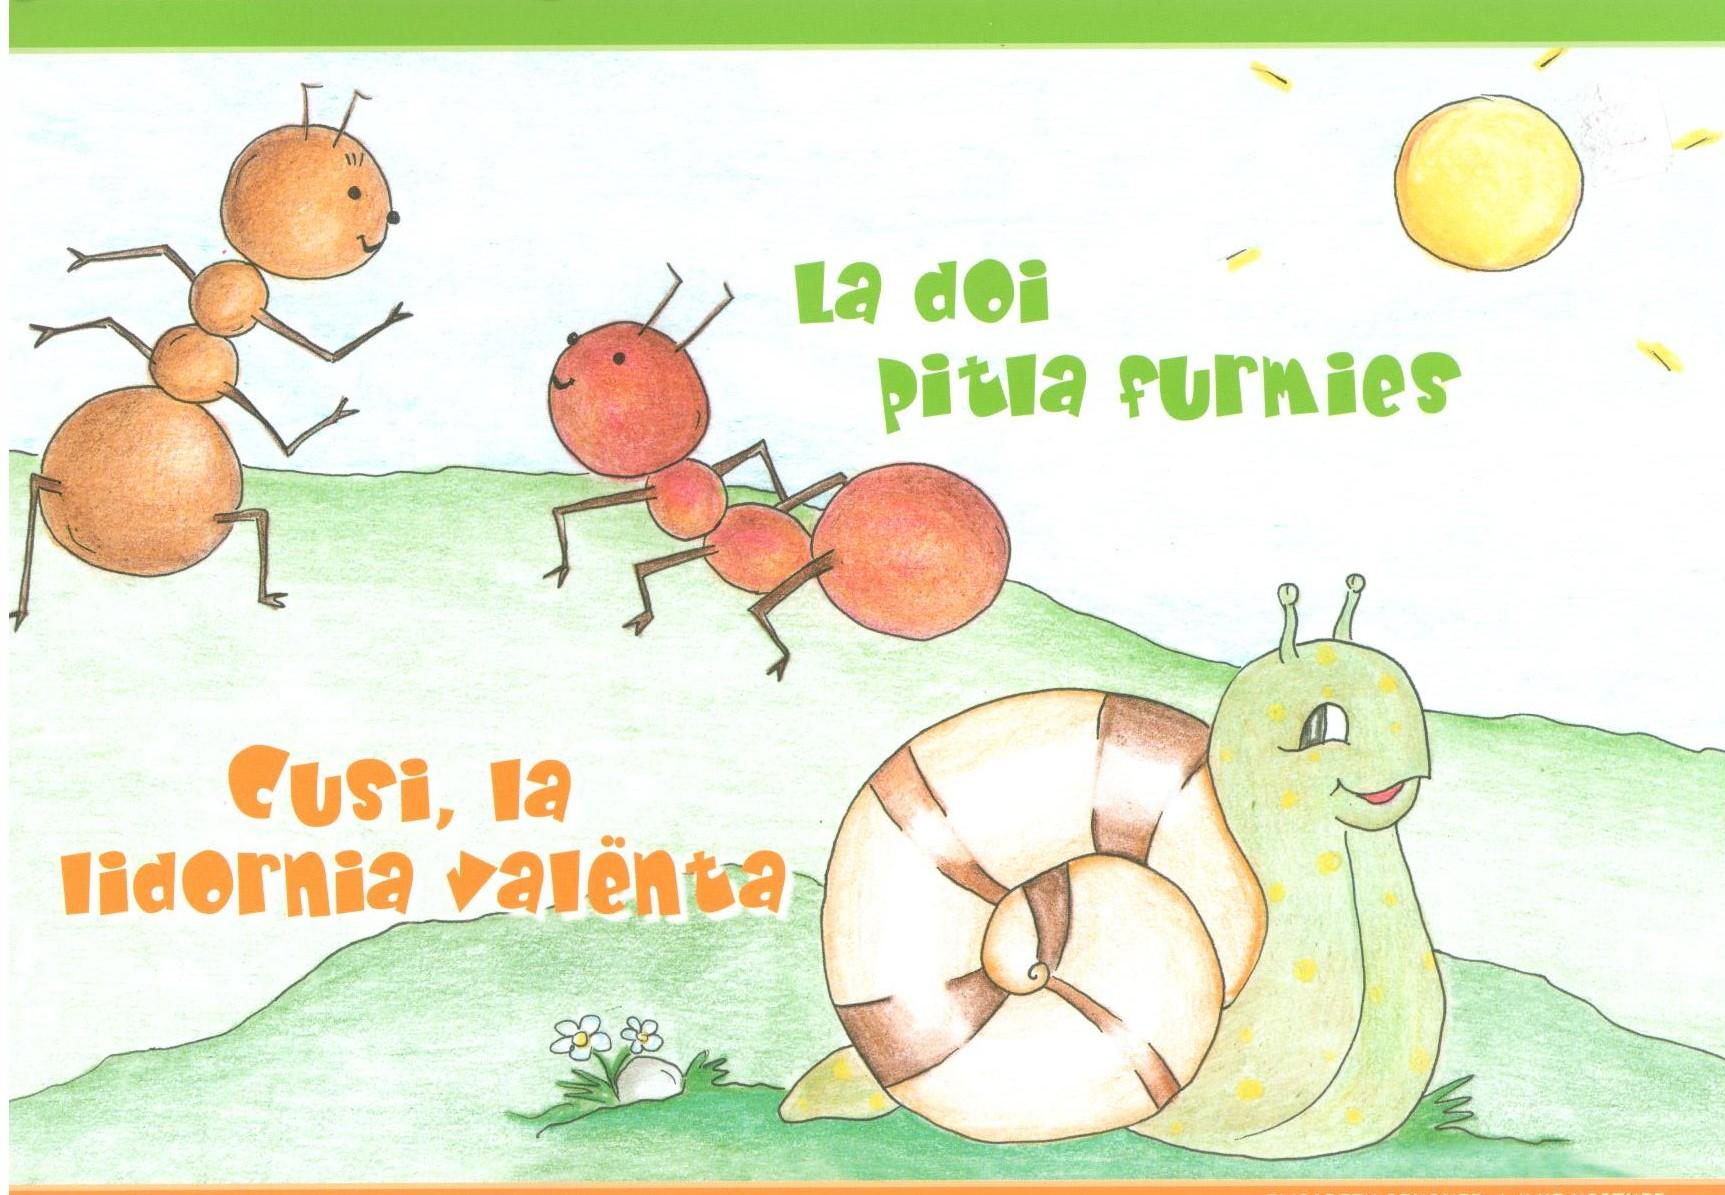 La_doi_pitla_furmies._Cusi,_la_lidornia_valënta